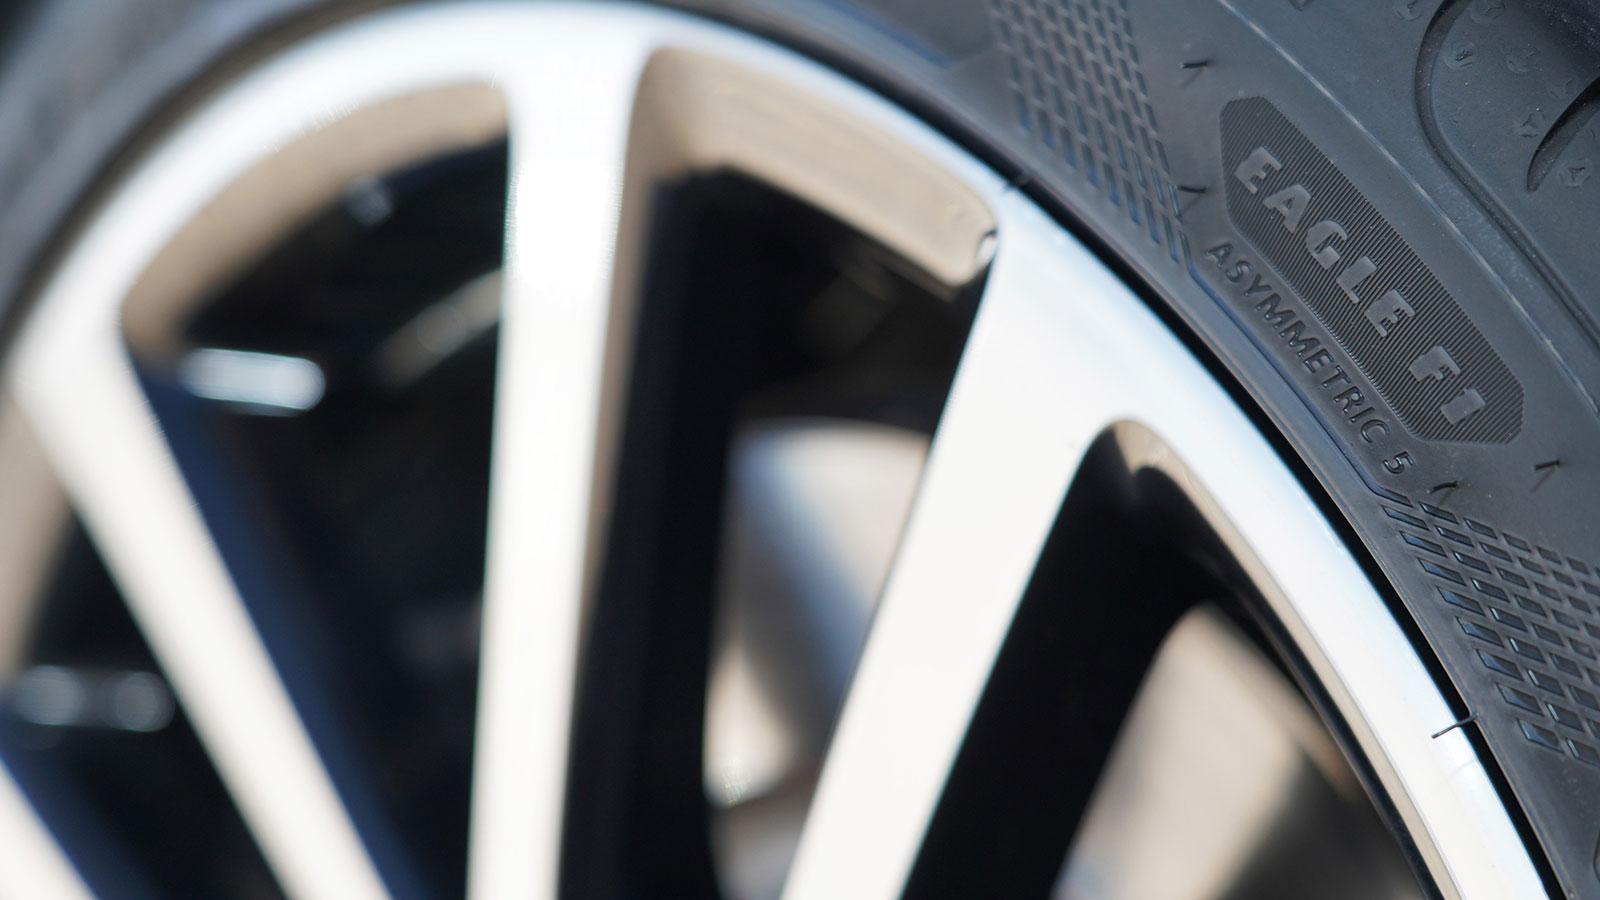 Η Goodyear προχωρά στην ανάπτυξη συγκεκριμένων τεχνολογιών  ιδιαίτερα για ισχυρά ηλεκτρικά αυτοκίνητα